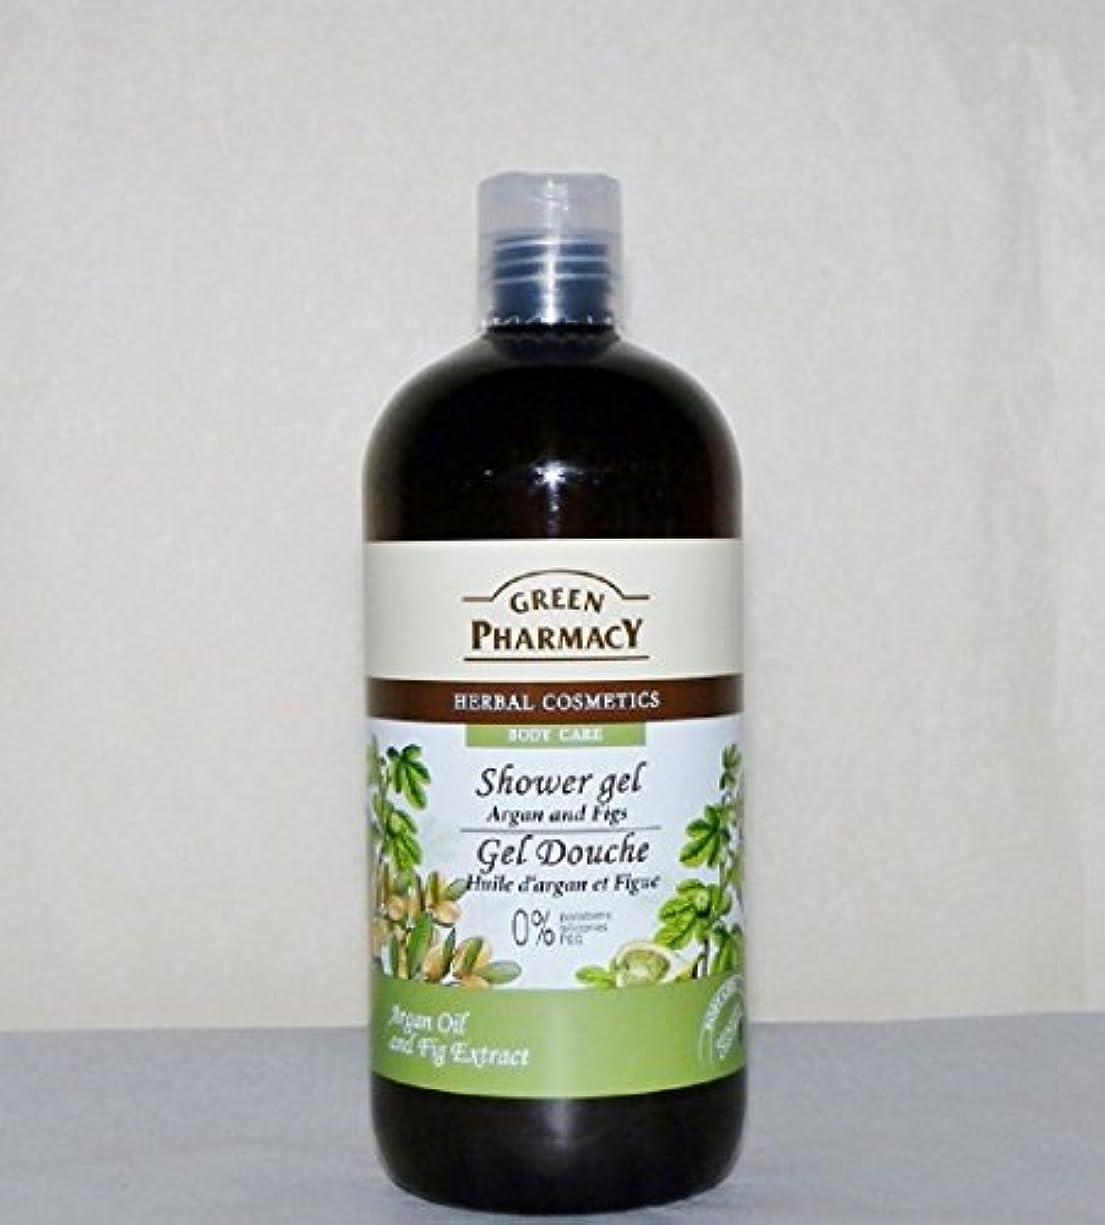 事件、出来事調停する落ち着くElfa Pharm Green Pharmacy グリーンファーマシー Shower Gel シャワージェル Argan Oil&Figs